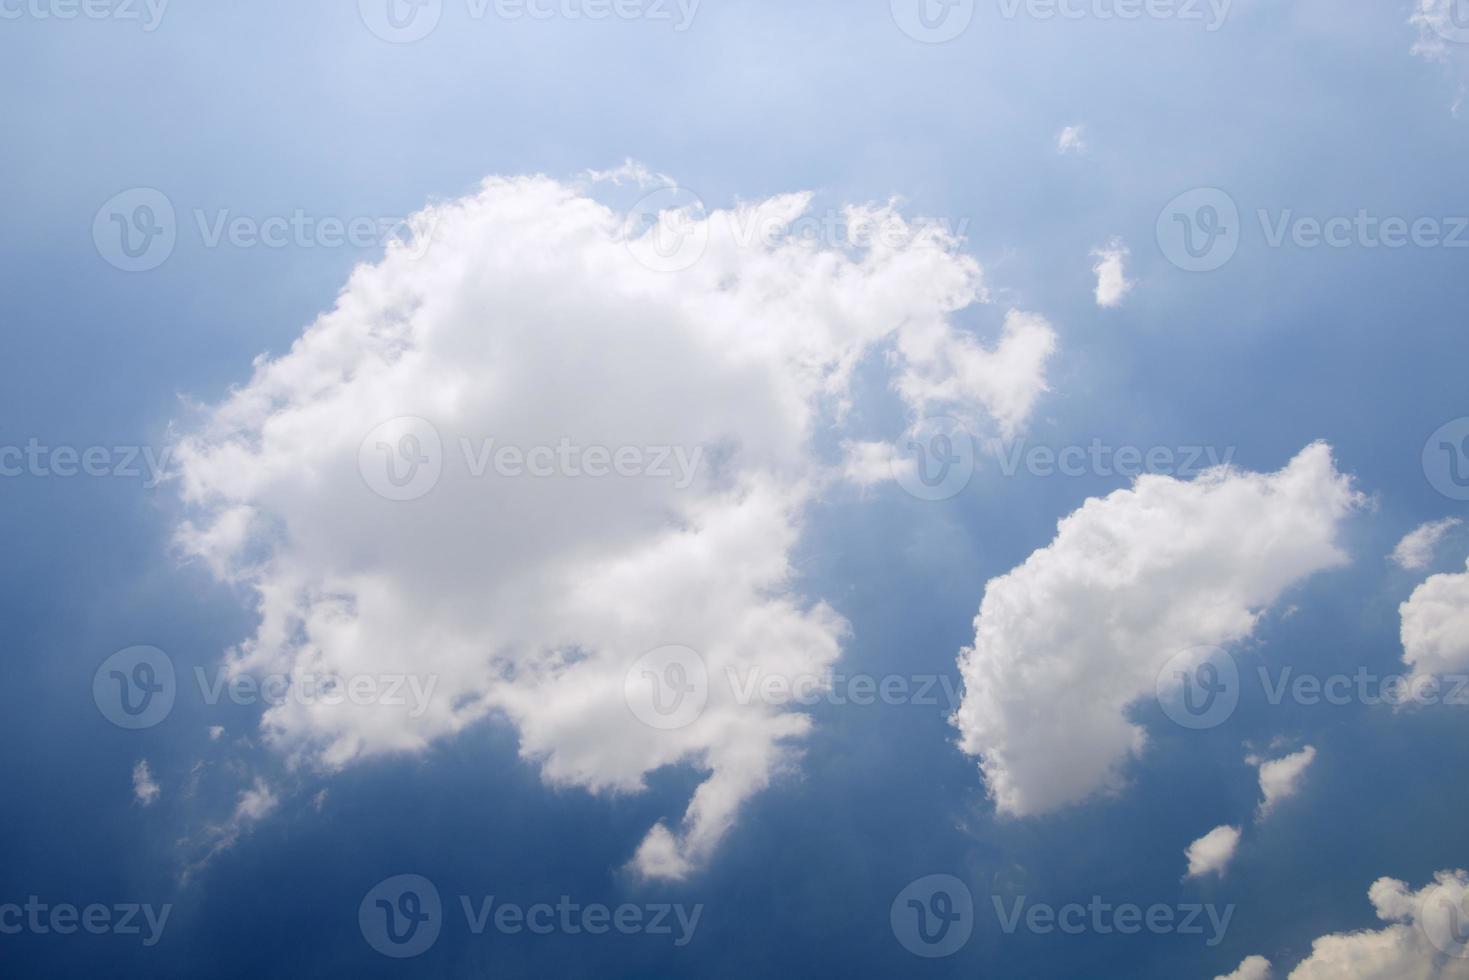 den vackra himlen med vita moln. foto